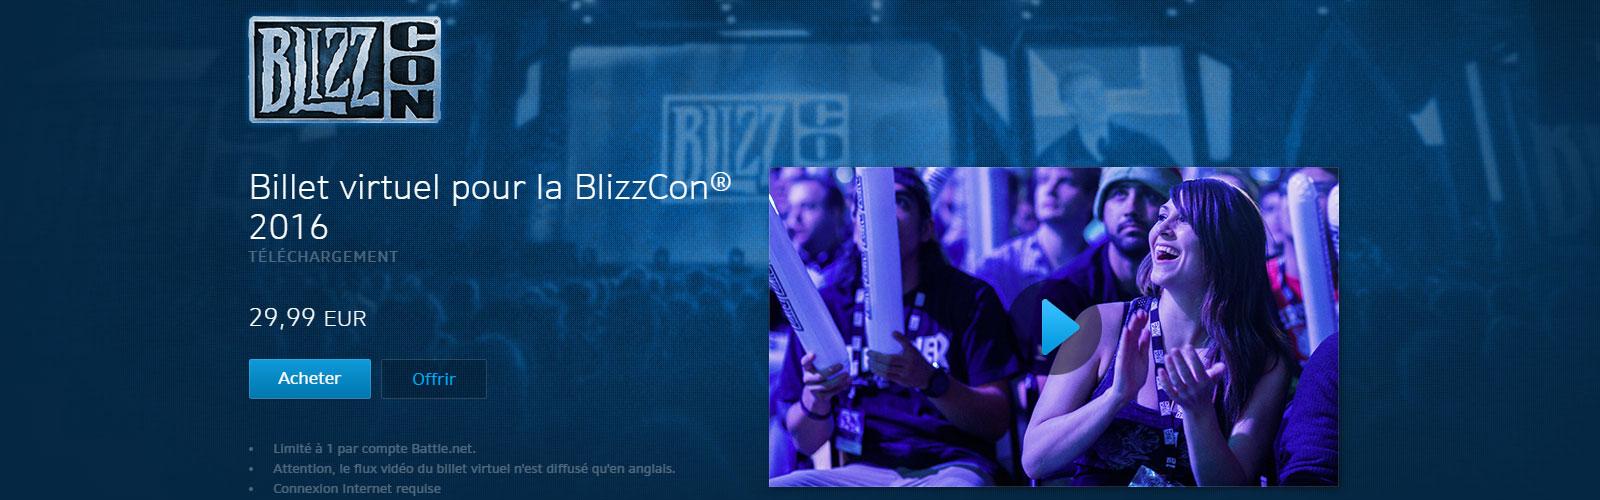 billet-virtuel-blizzCon